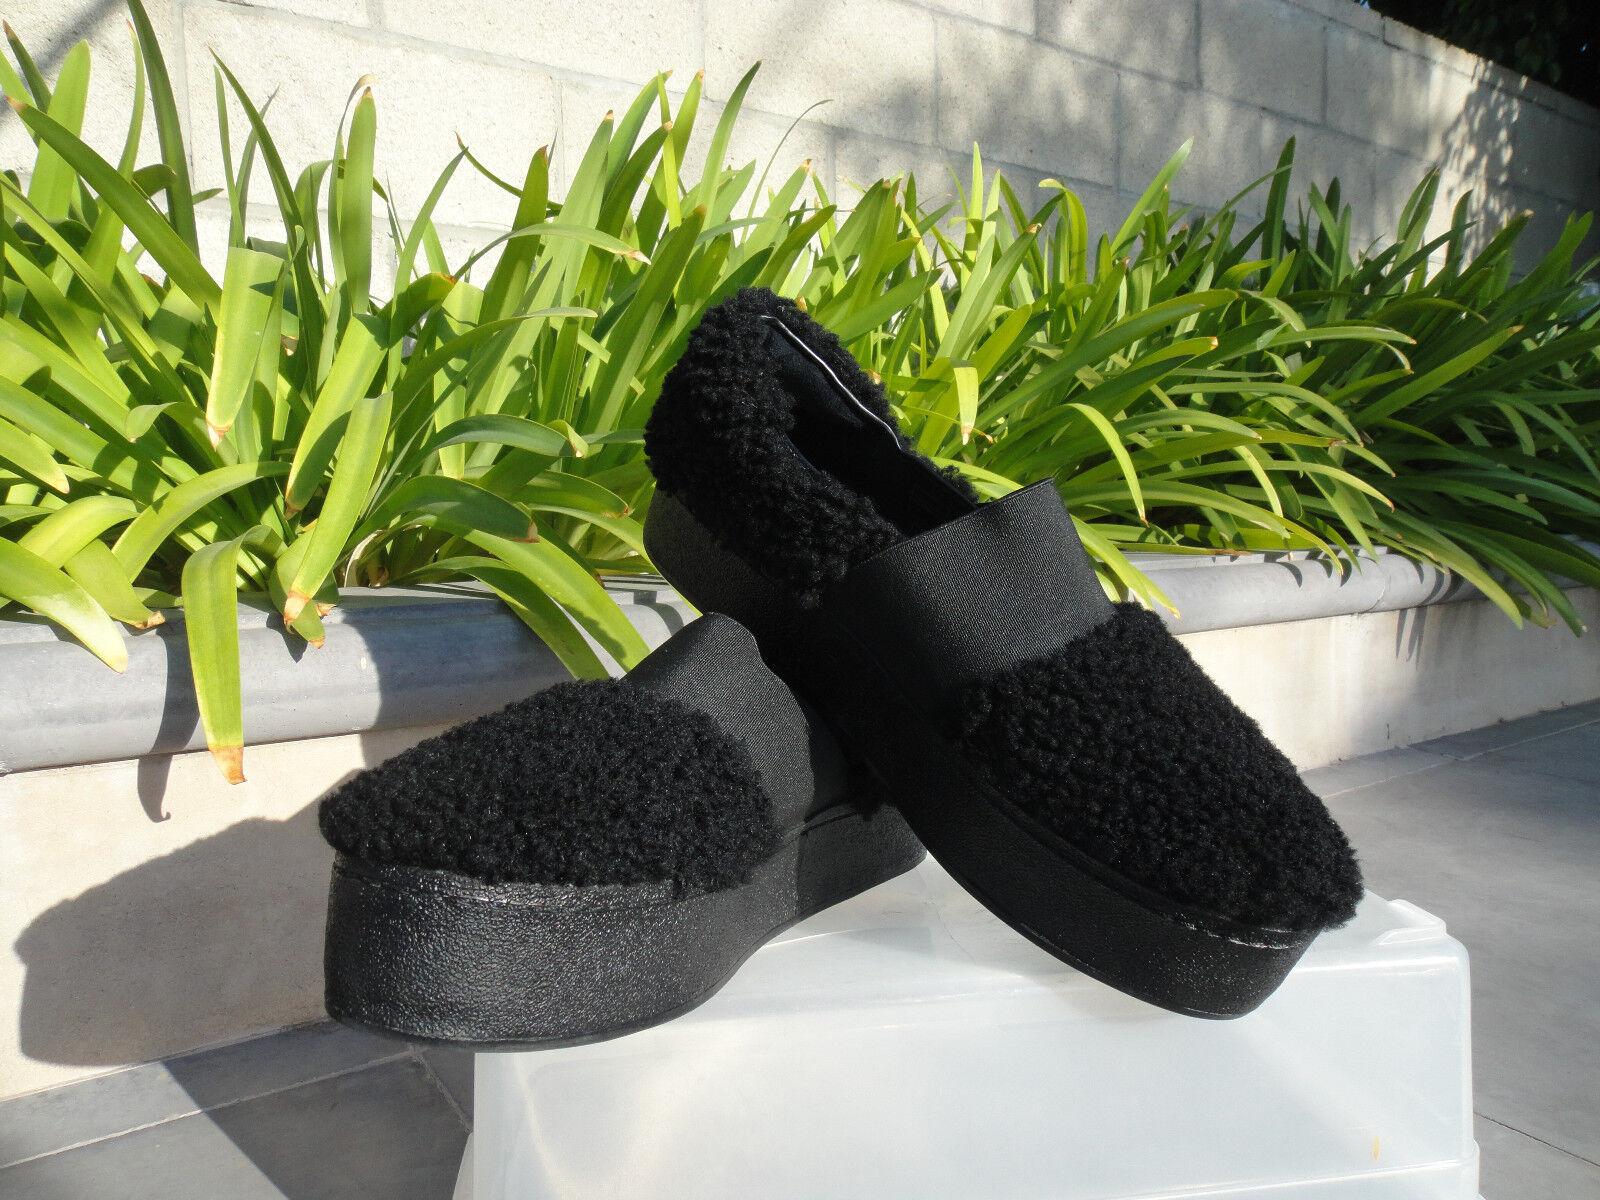 fornire un prodotto di qualità Opening Ceremony CICI CURLY SLIP SLIP SLIP ON Platform scarpe da ginnastica, nero Shearling EUR37  fino al 65% di sconto